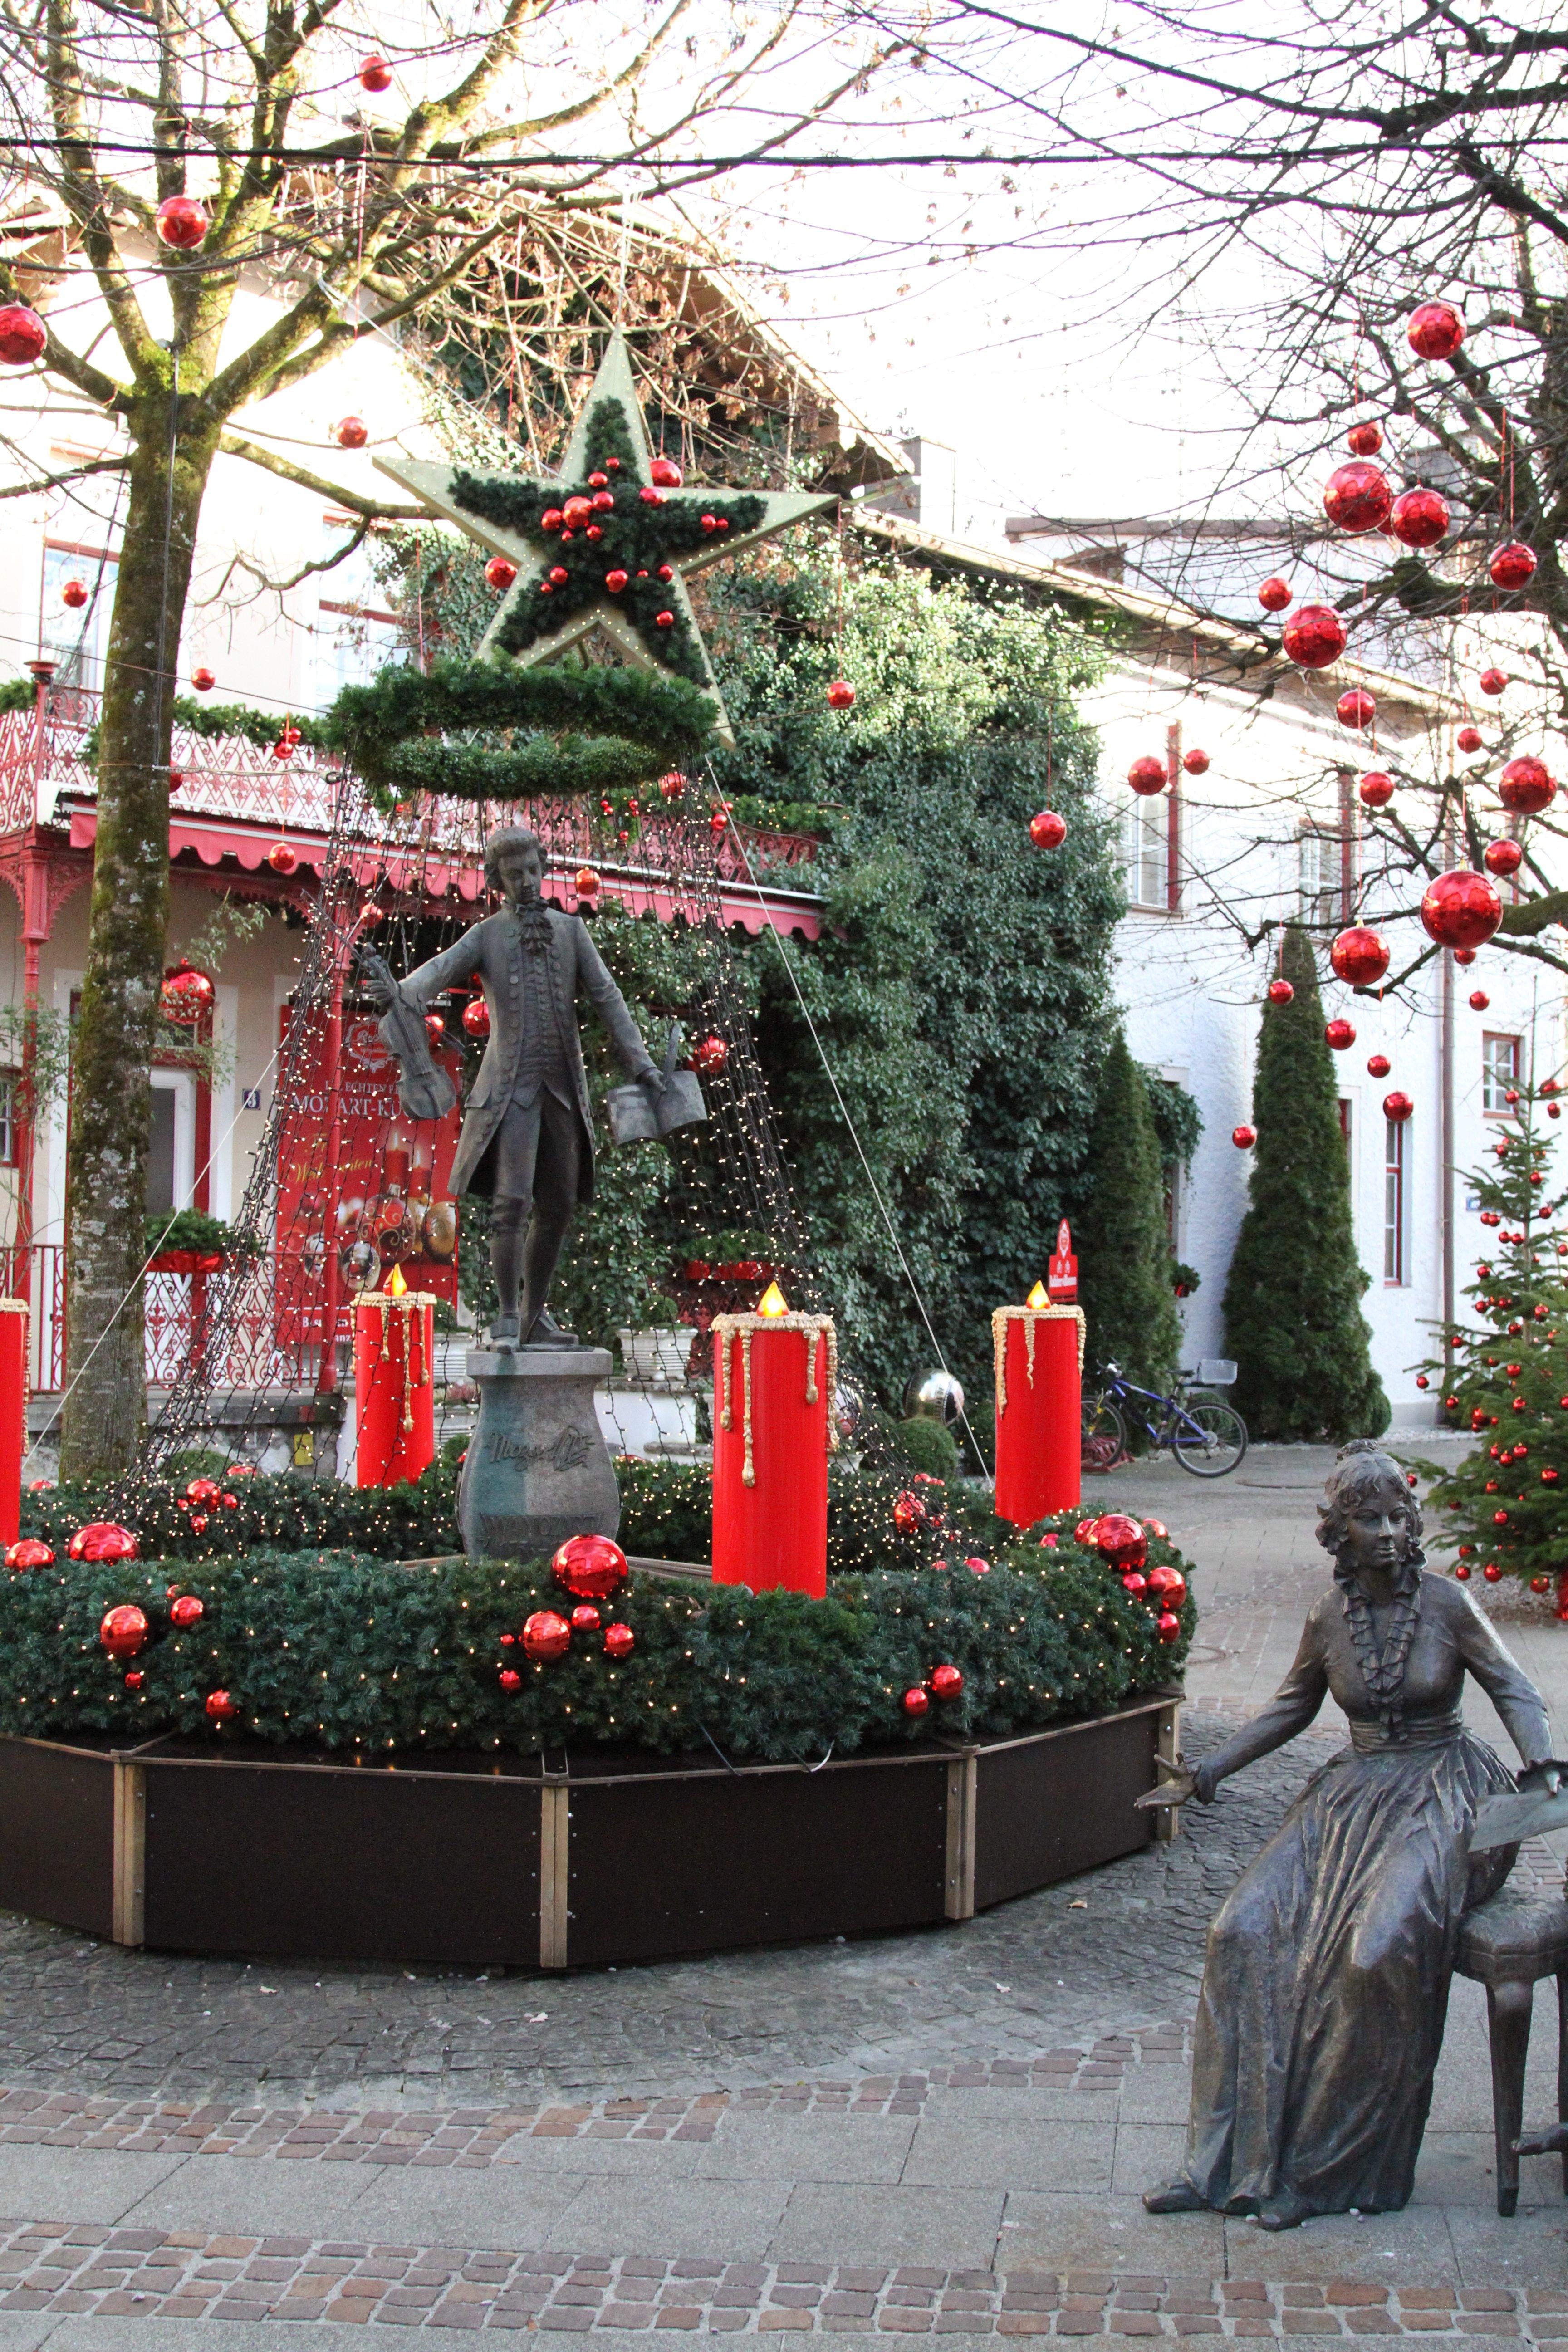 Gruta de Navidad alquiler (decorado con series, conocer saludar a las zonas)